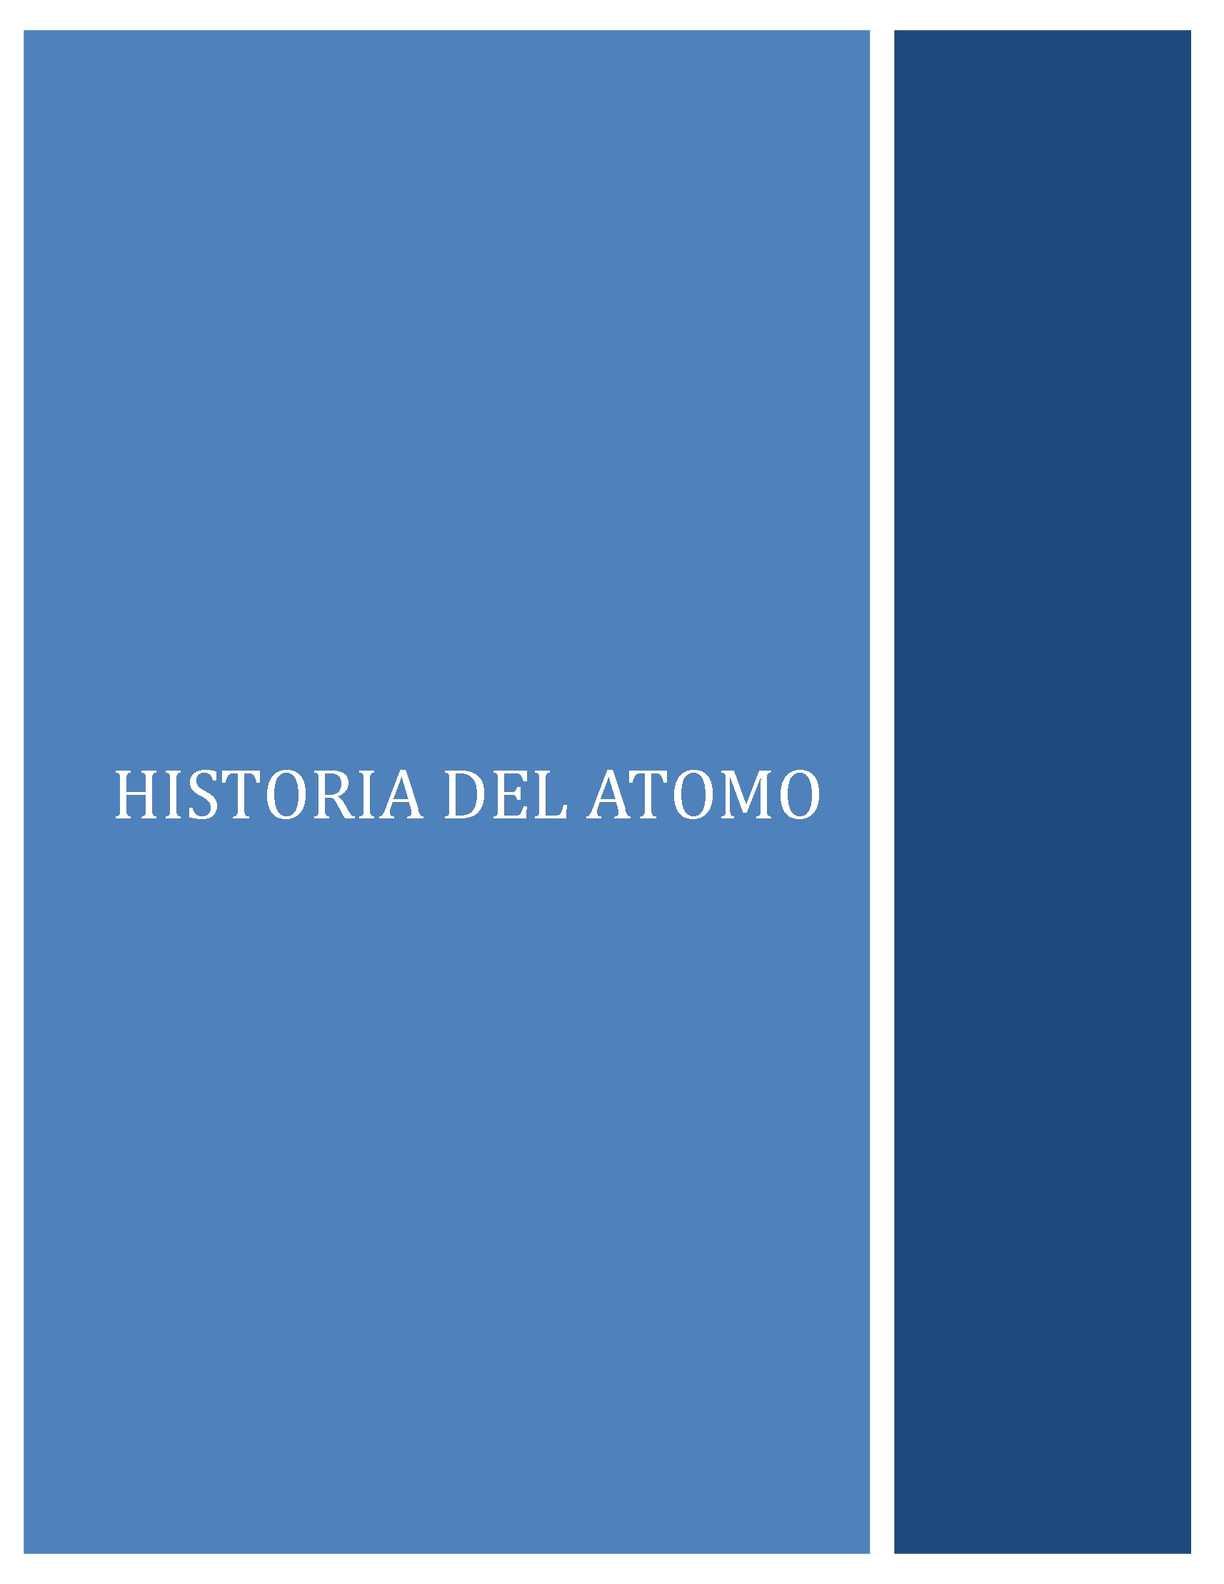 Calaméo - HISTORIA Y ESTRUCTURA DEL ATOMO